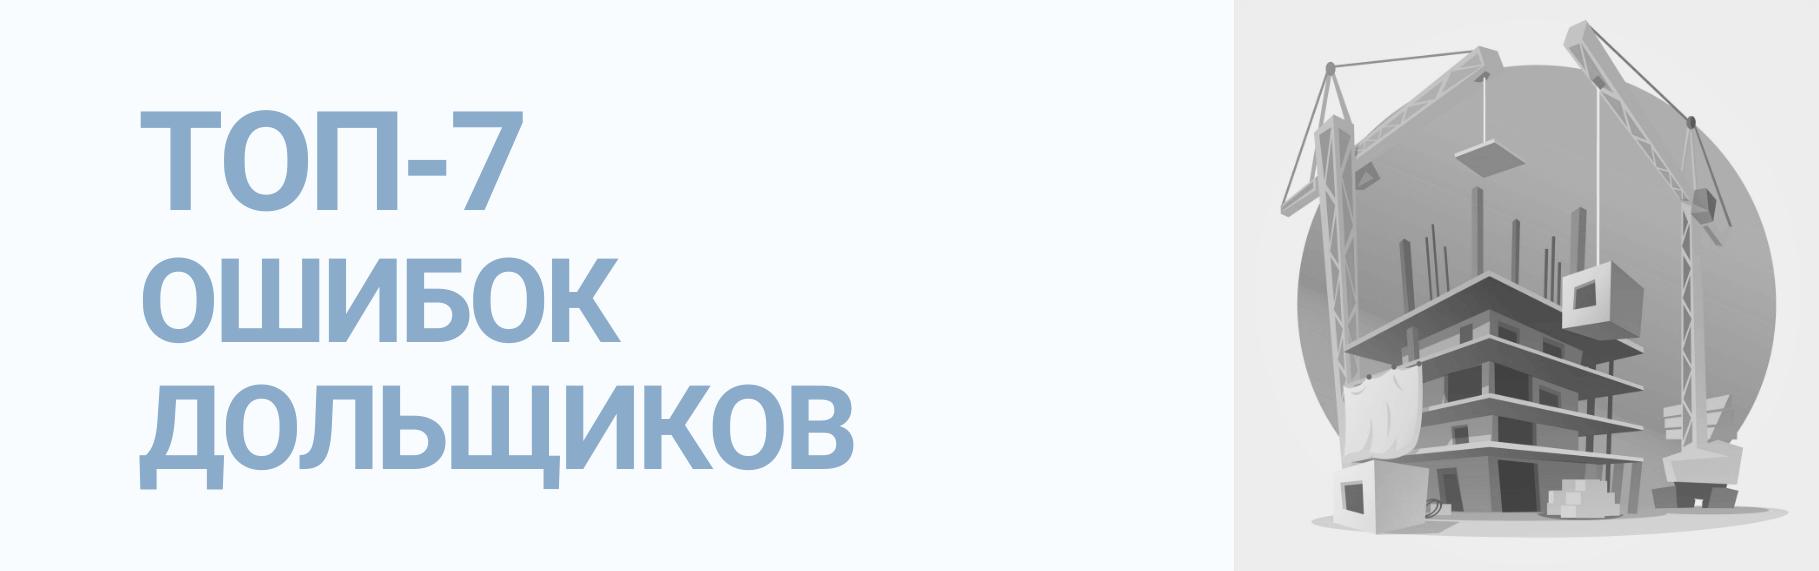 ТОП-7 ошибок дольщиков при самостоятельном взыскании неустойки - Силкин и партнеры